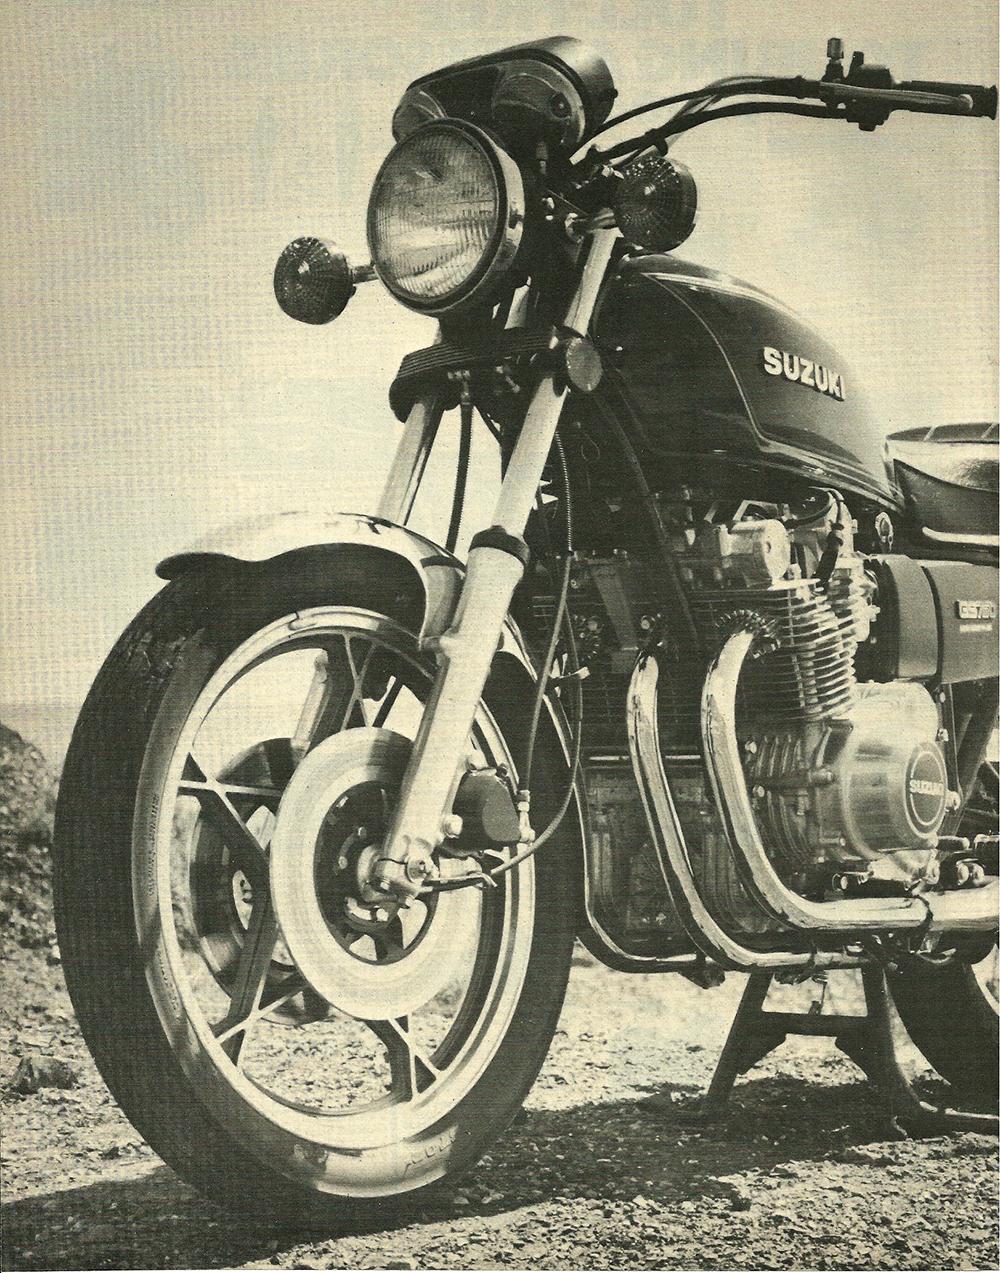 1978 Suzuki GS750ec road test 01.jpg